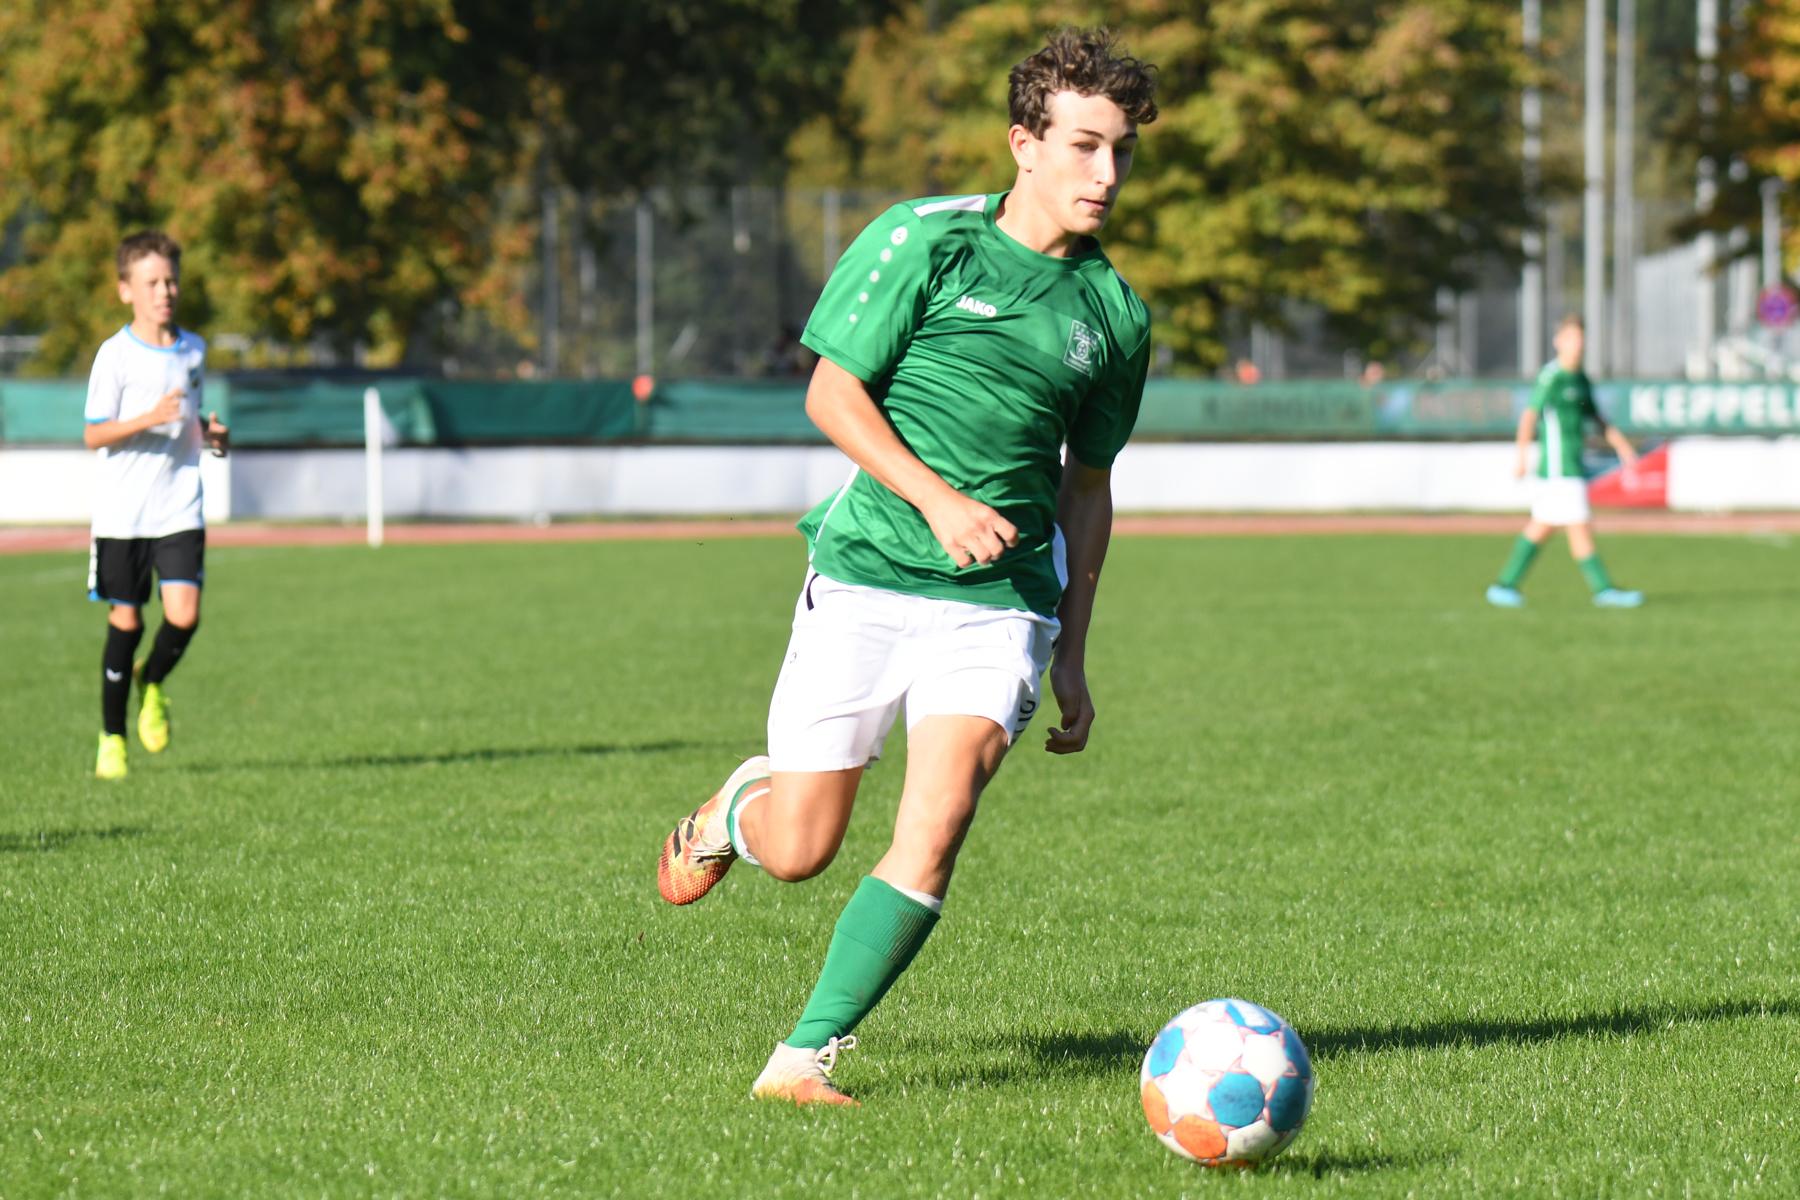 Junioren-Fußball vom Wochenende